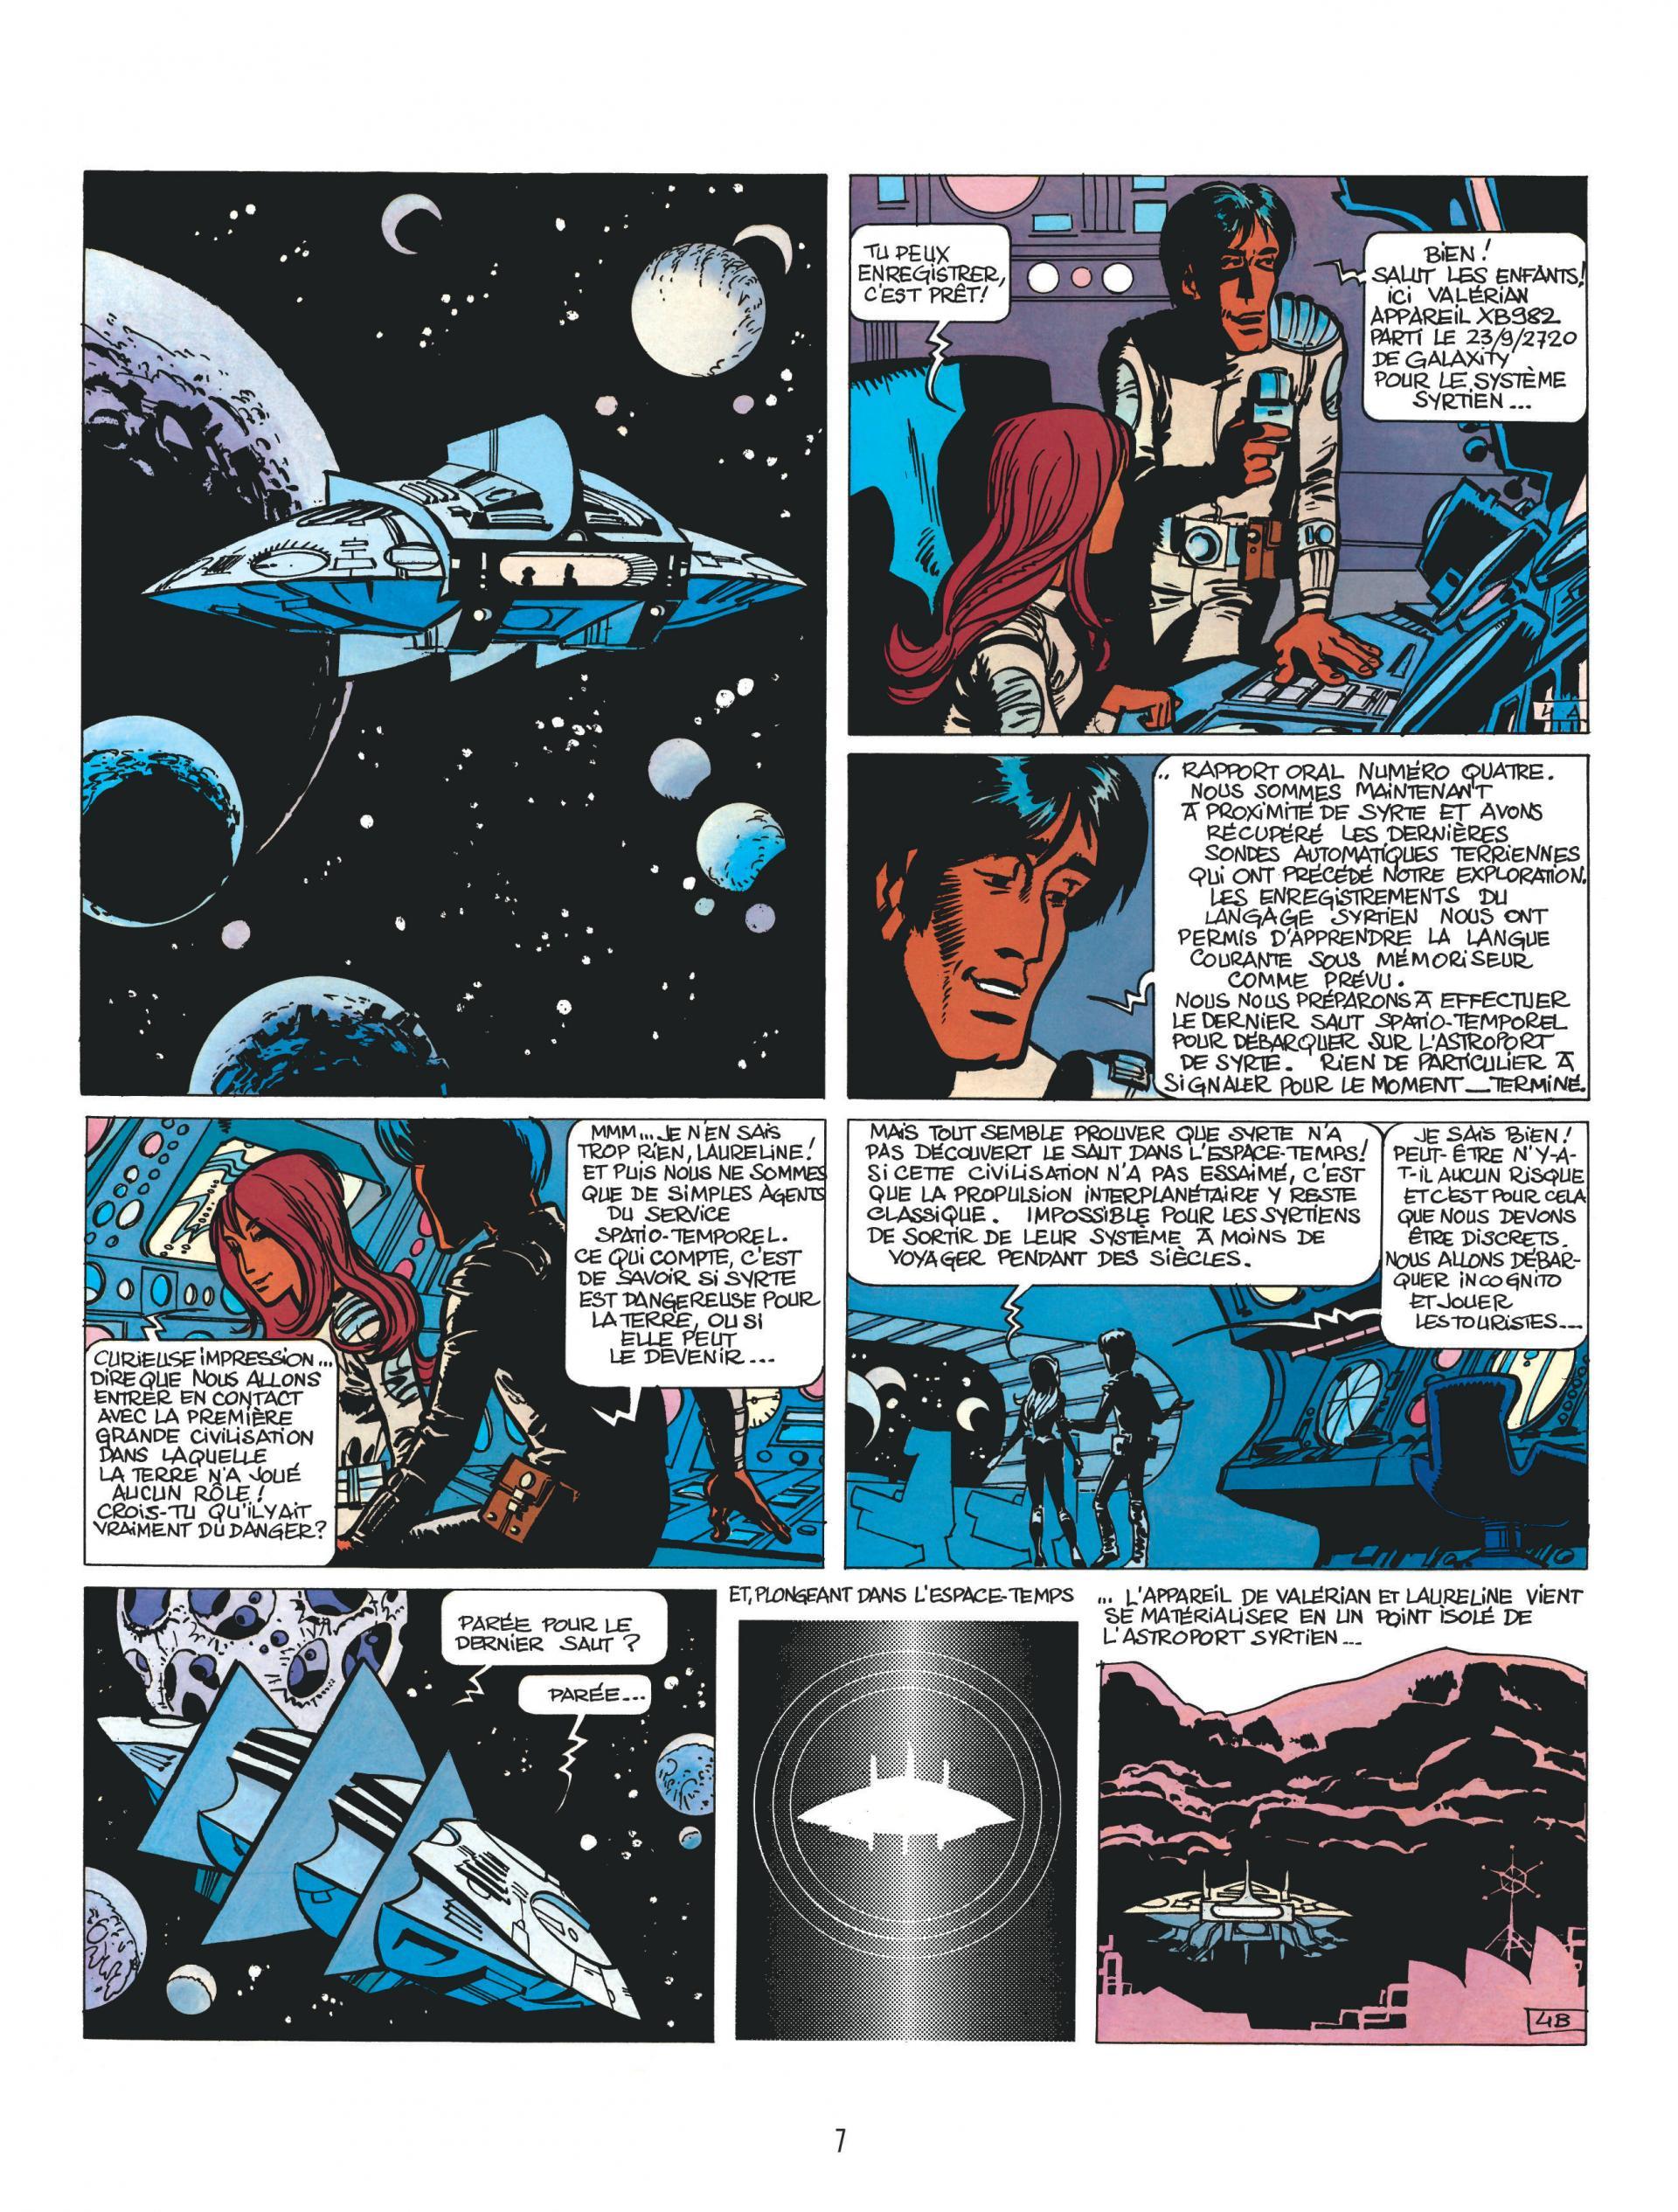 Empire des mille planètes - édition spéciale